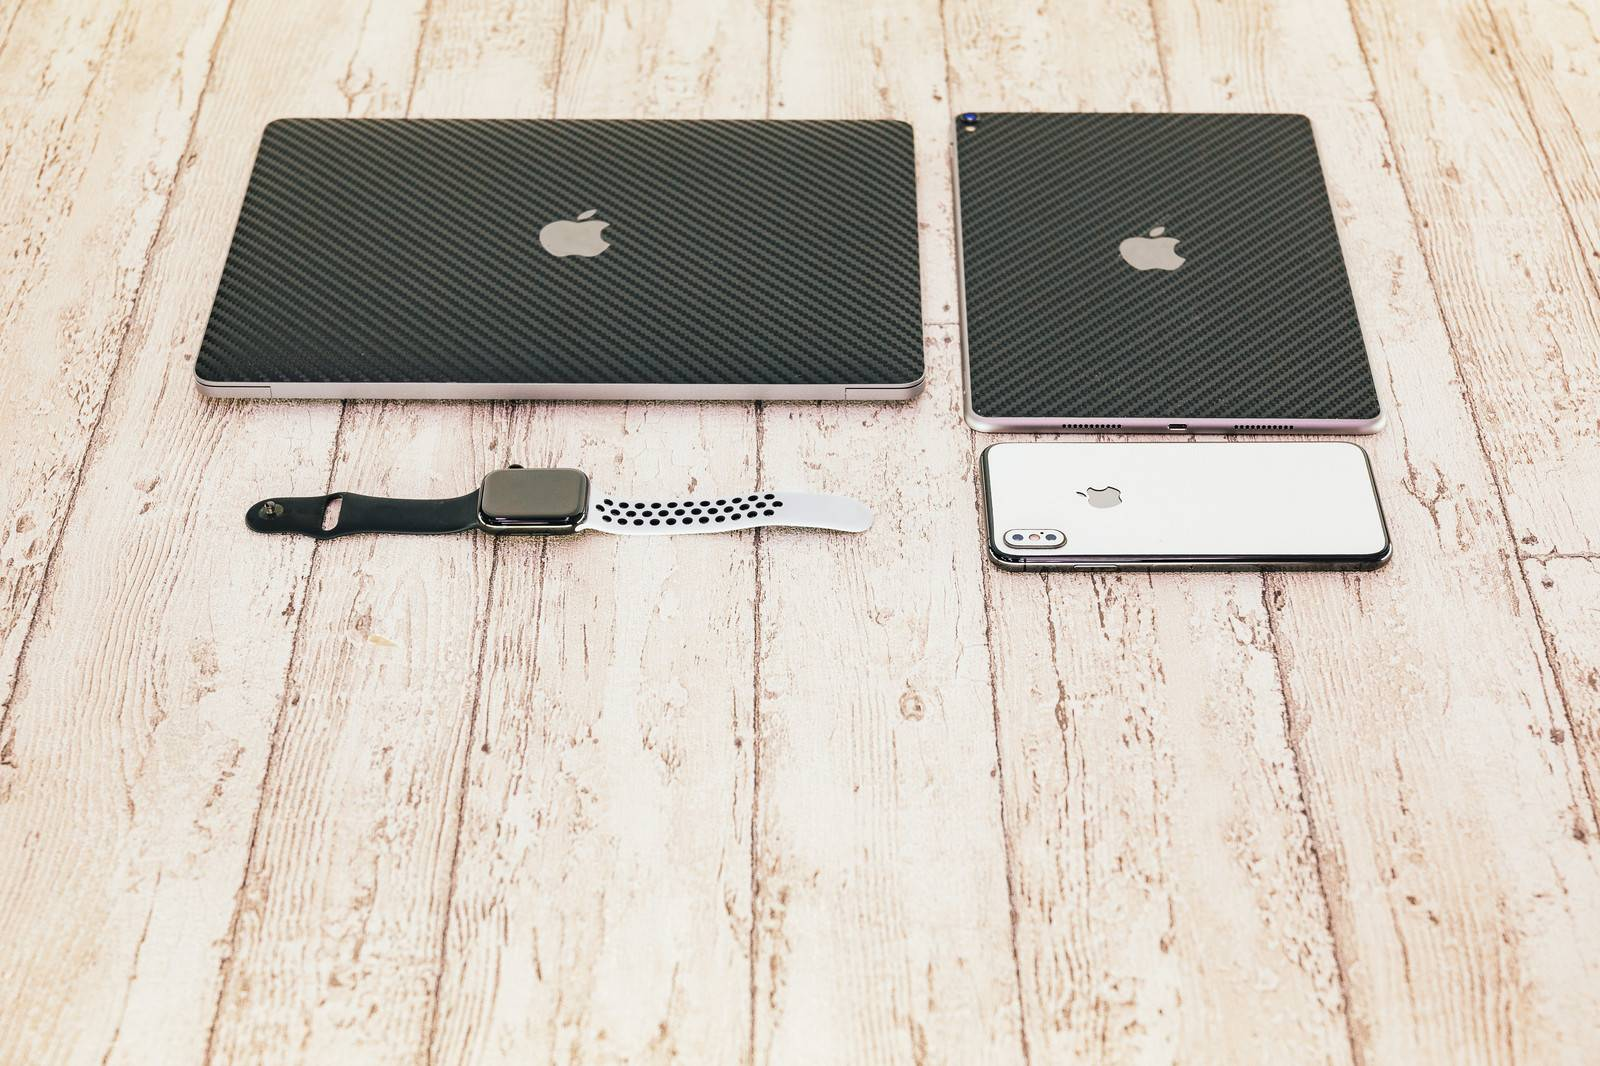 iPhoneなどのApple製品